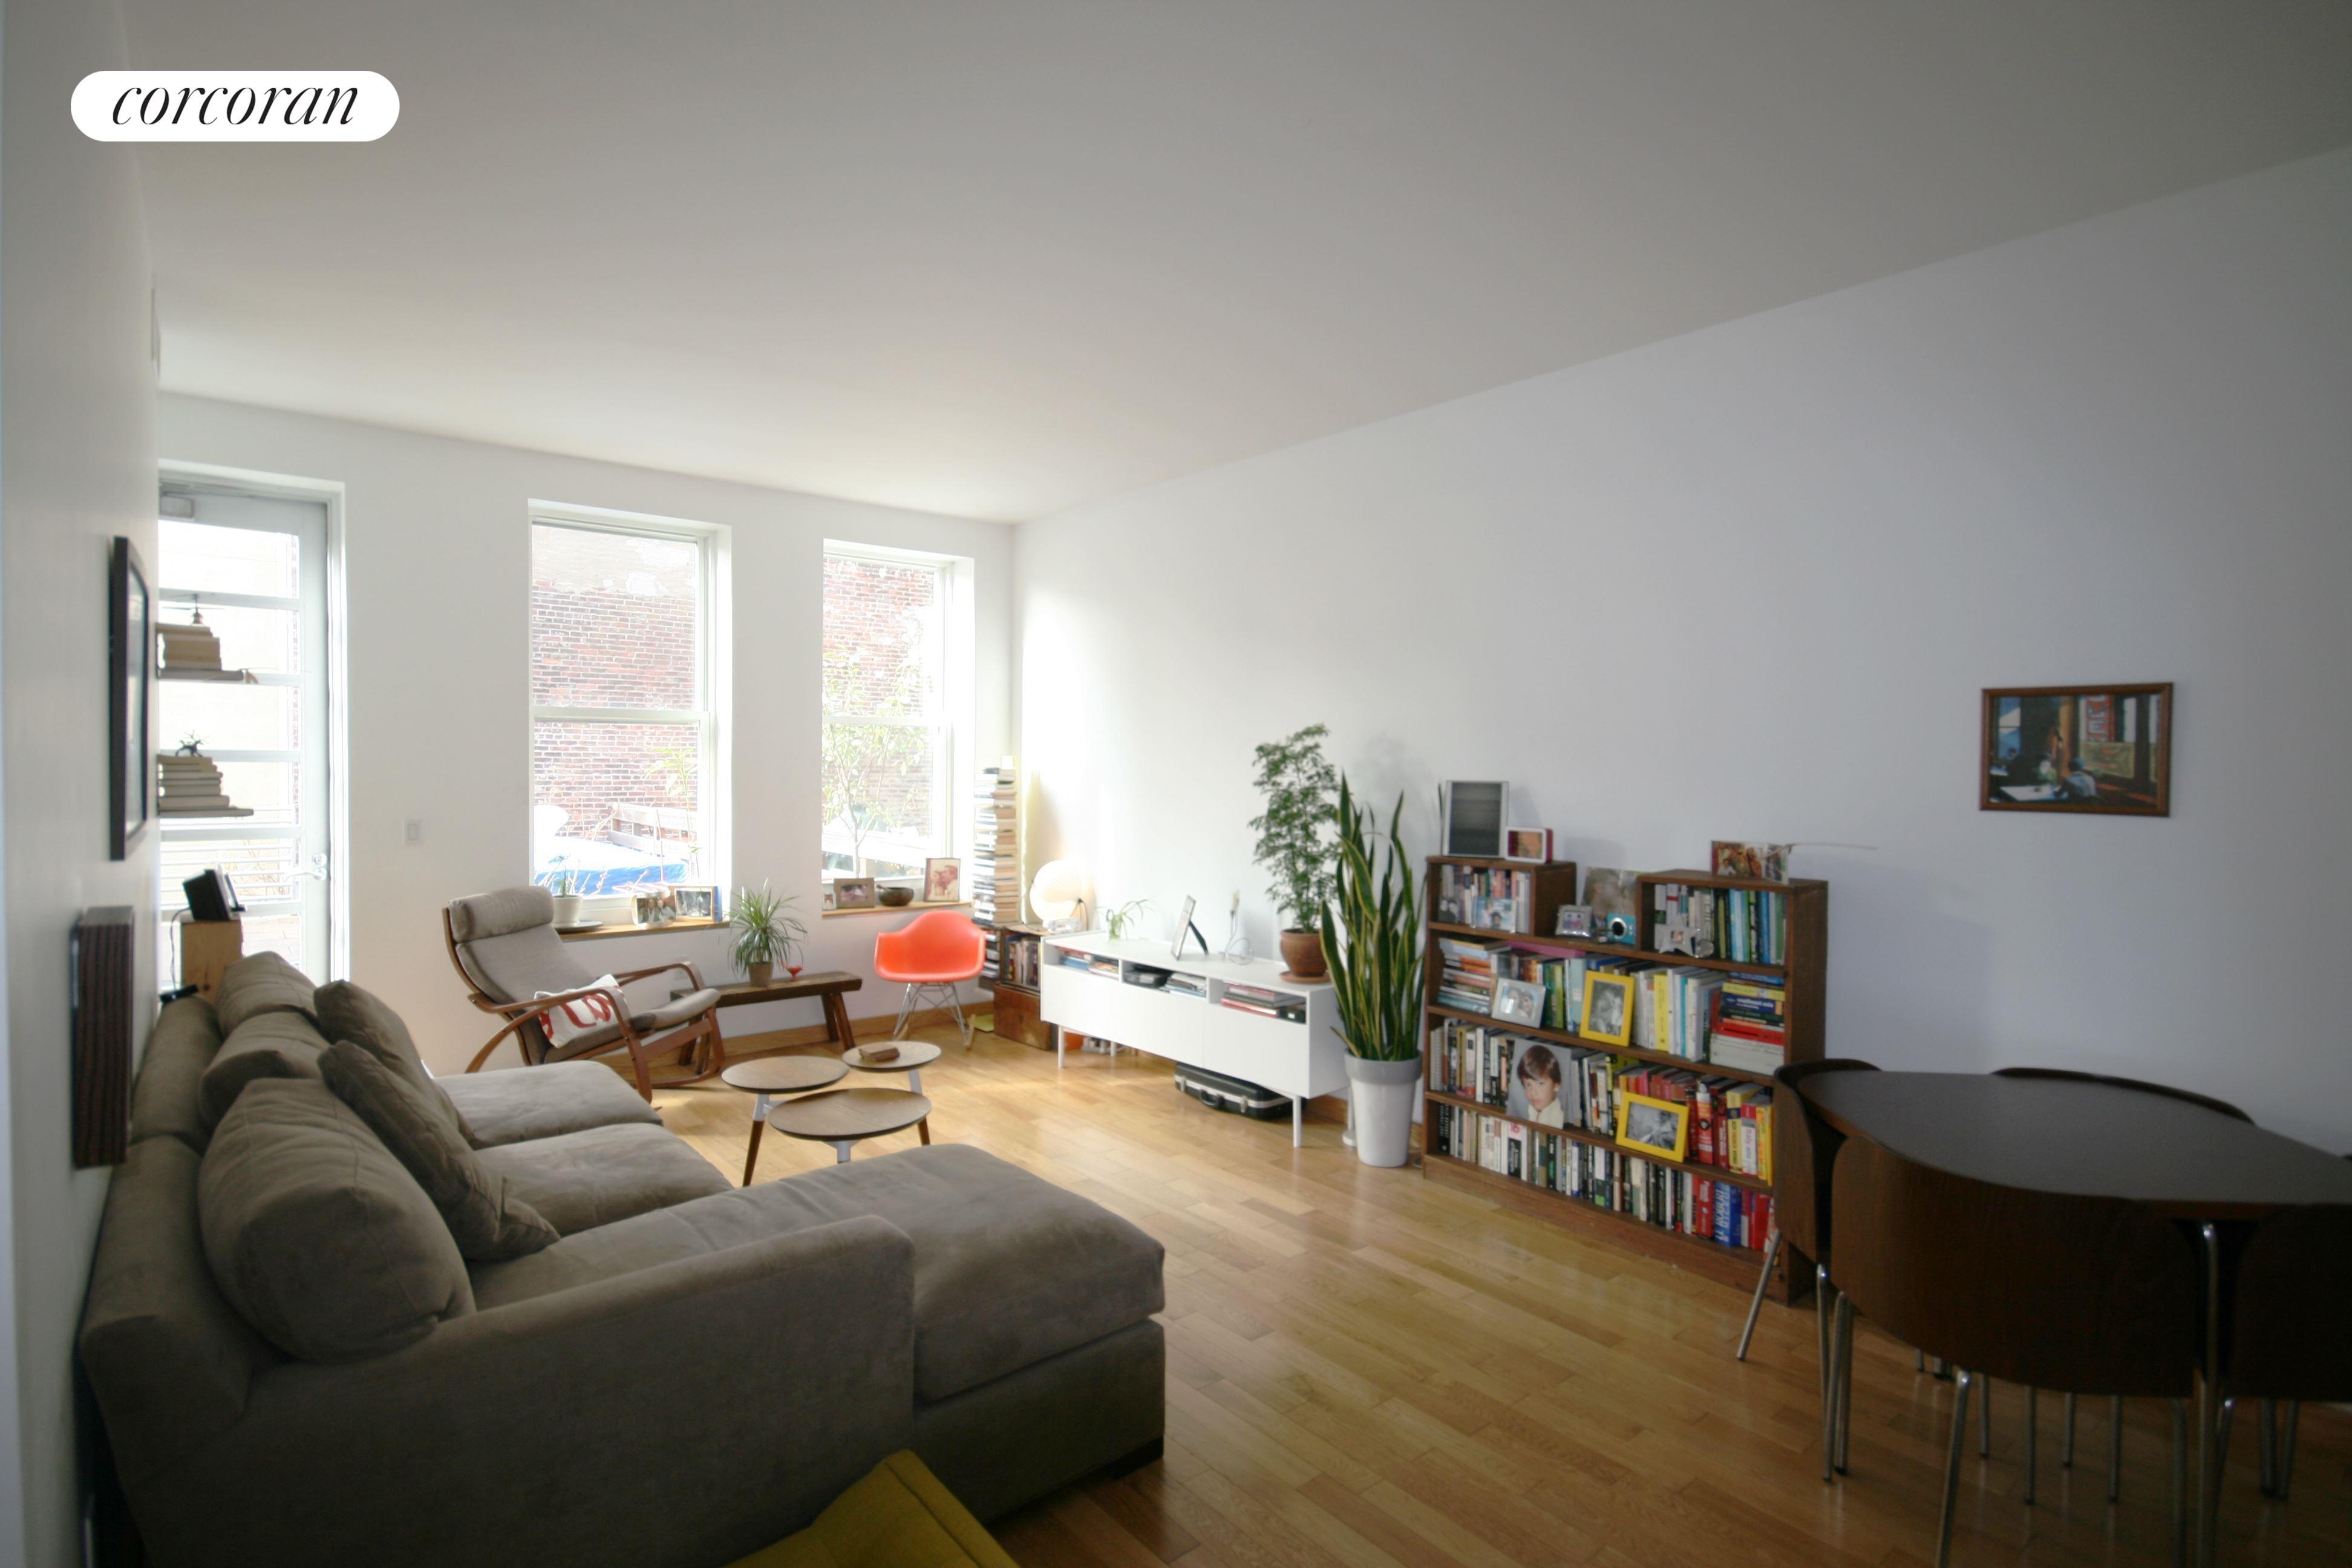 Corcoran, 318 Knickerbocker Avenue, Apt. 2K, Bushwick Rentals ...